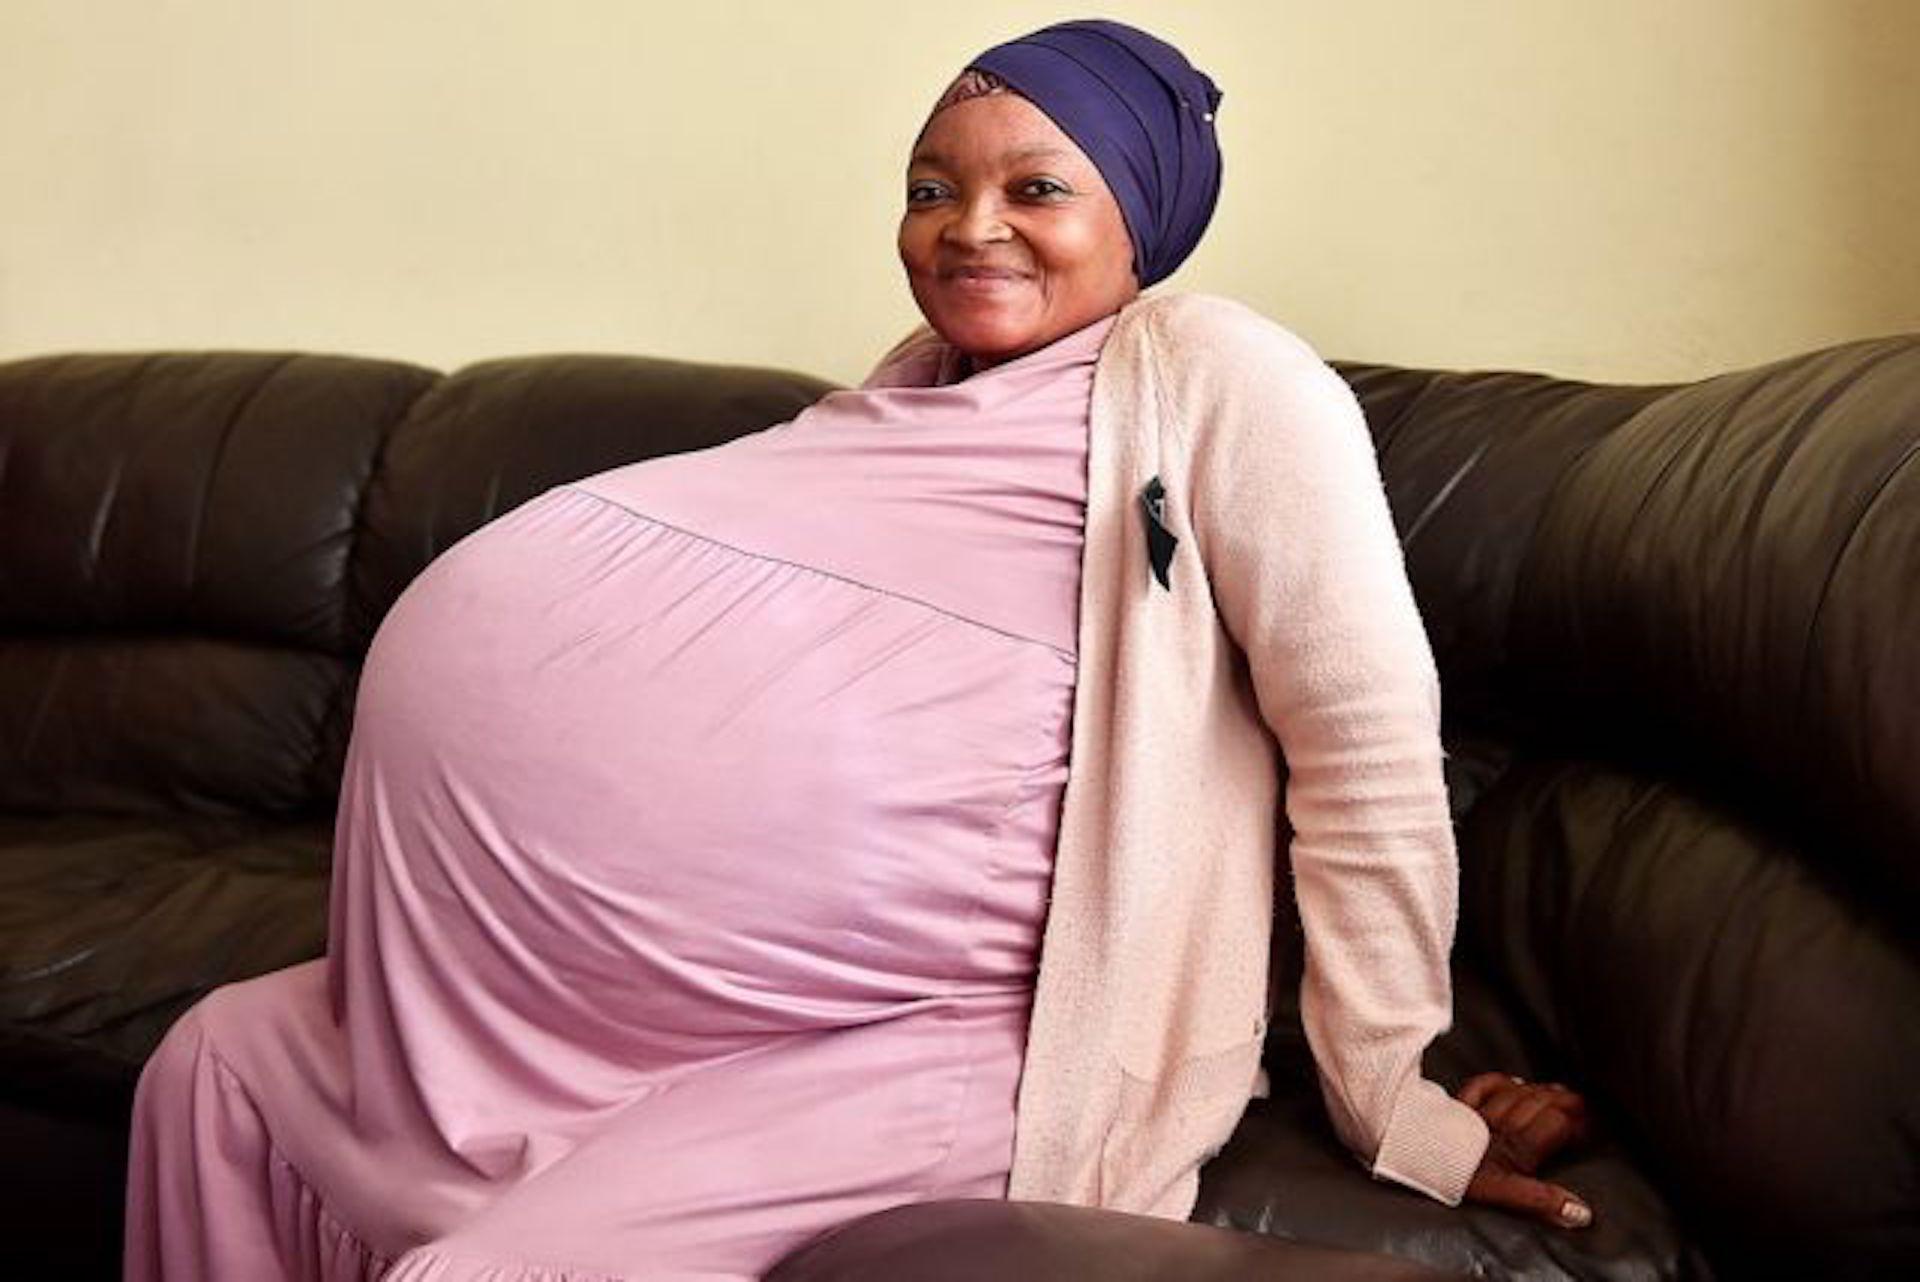 Une sud-africaine donne naissance à dix bébés, une première mondiale